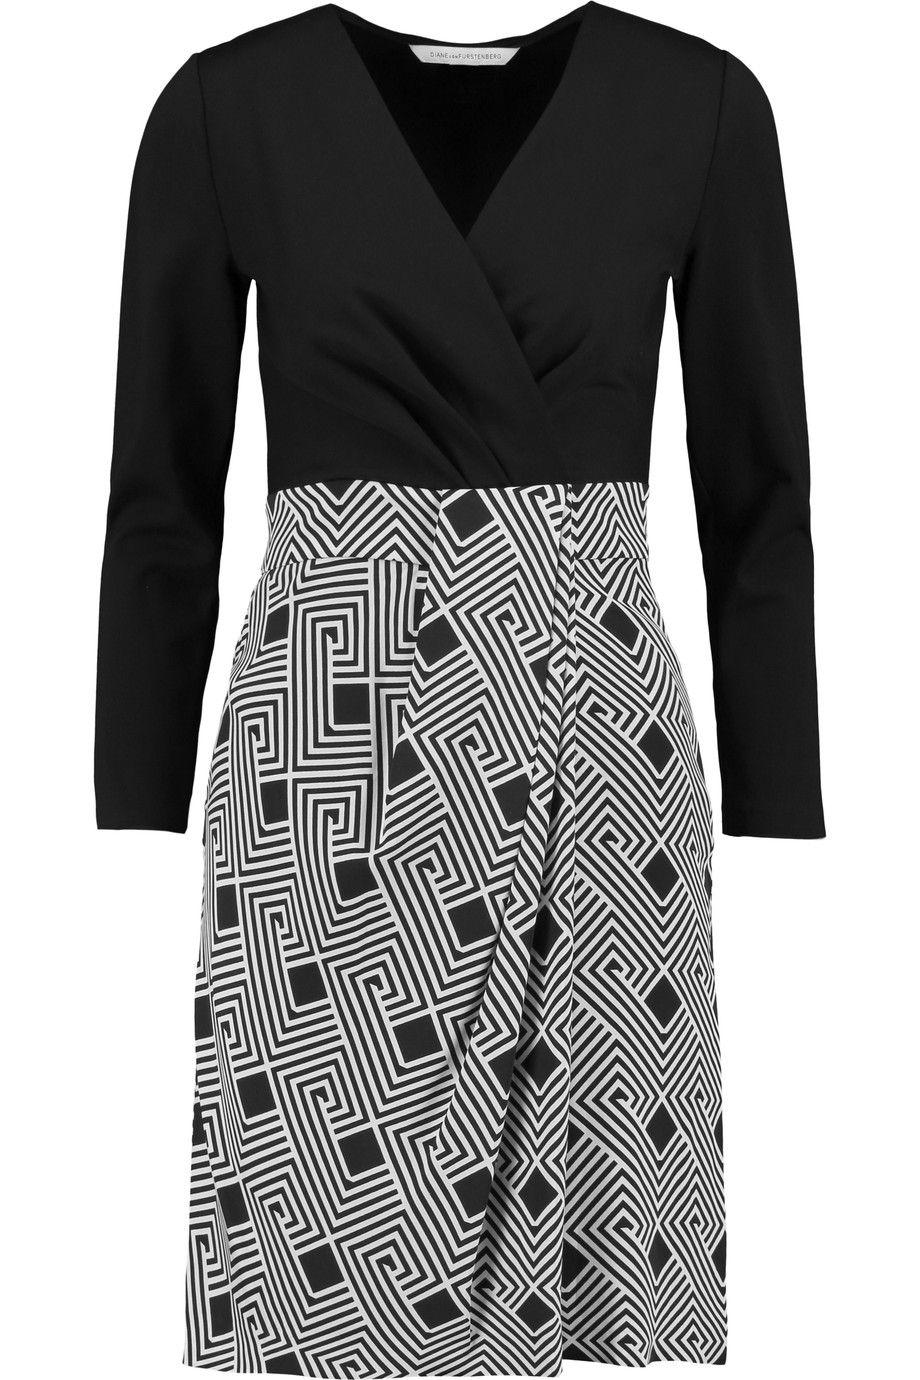 DIANE VON FURSTENBERG Gianna Silk And Printed Stretch-Jersey Mini Dress. #dianevonfurstenberg #cloth #dress